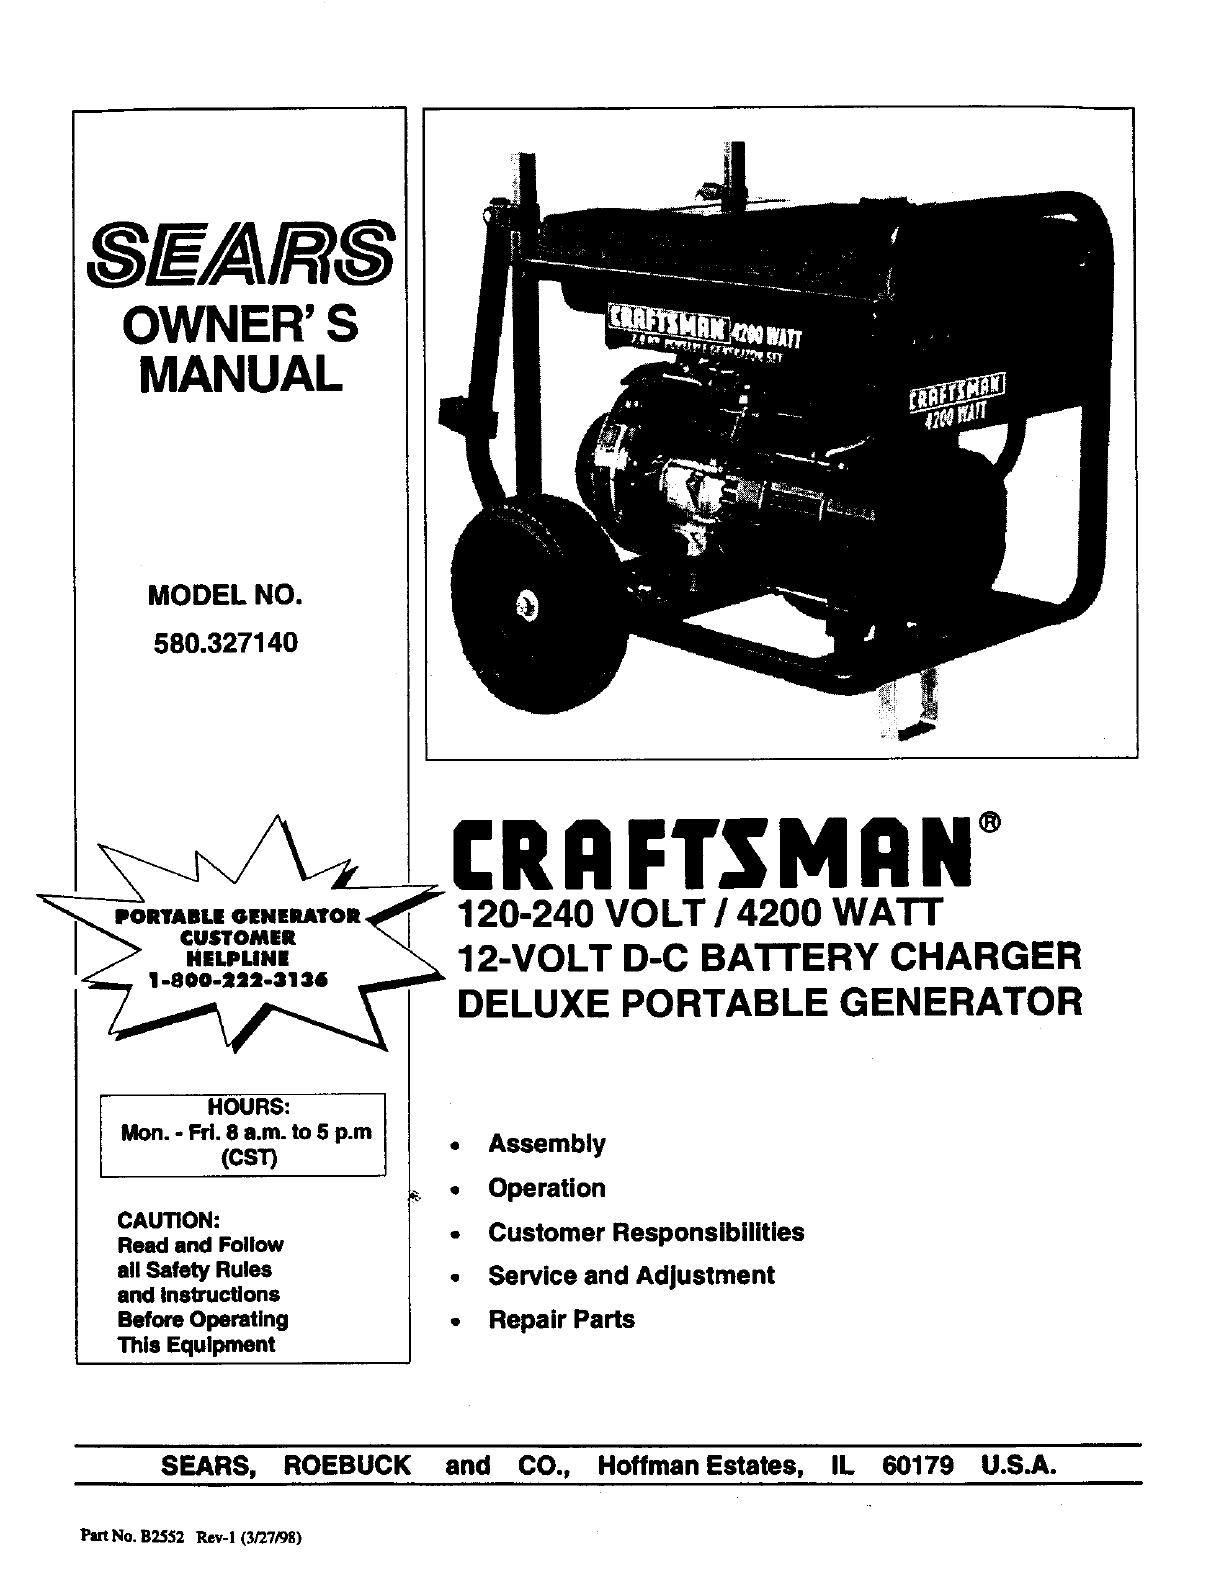 Craftsman 580327140 User Manual GENERATOR Manuals And